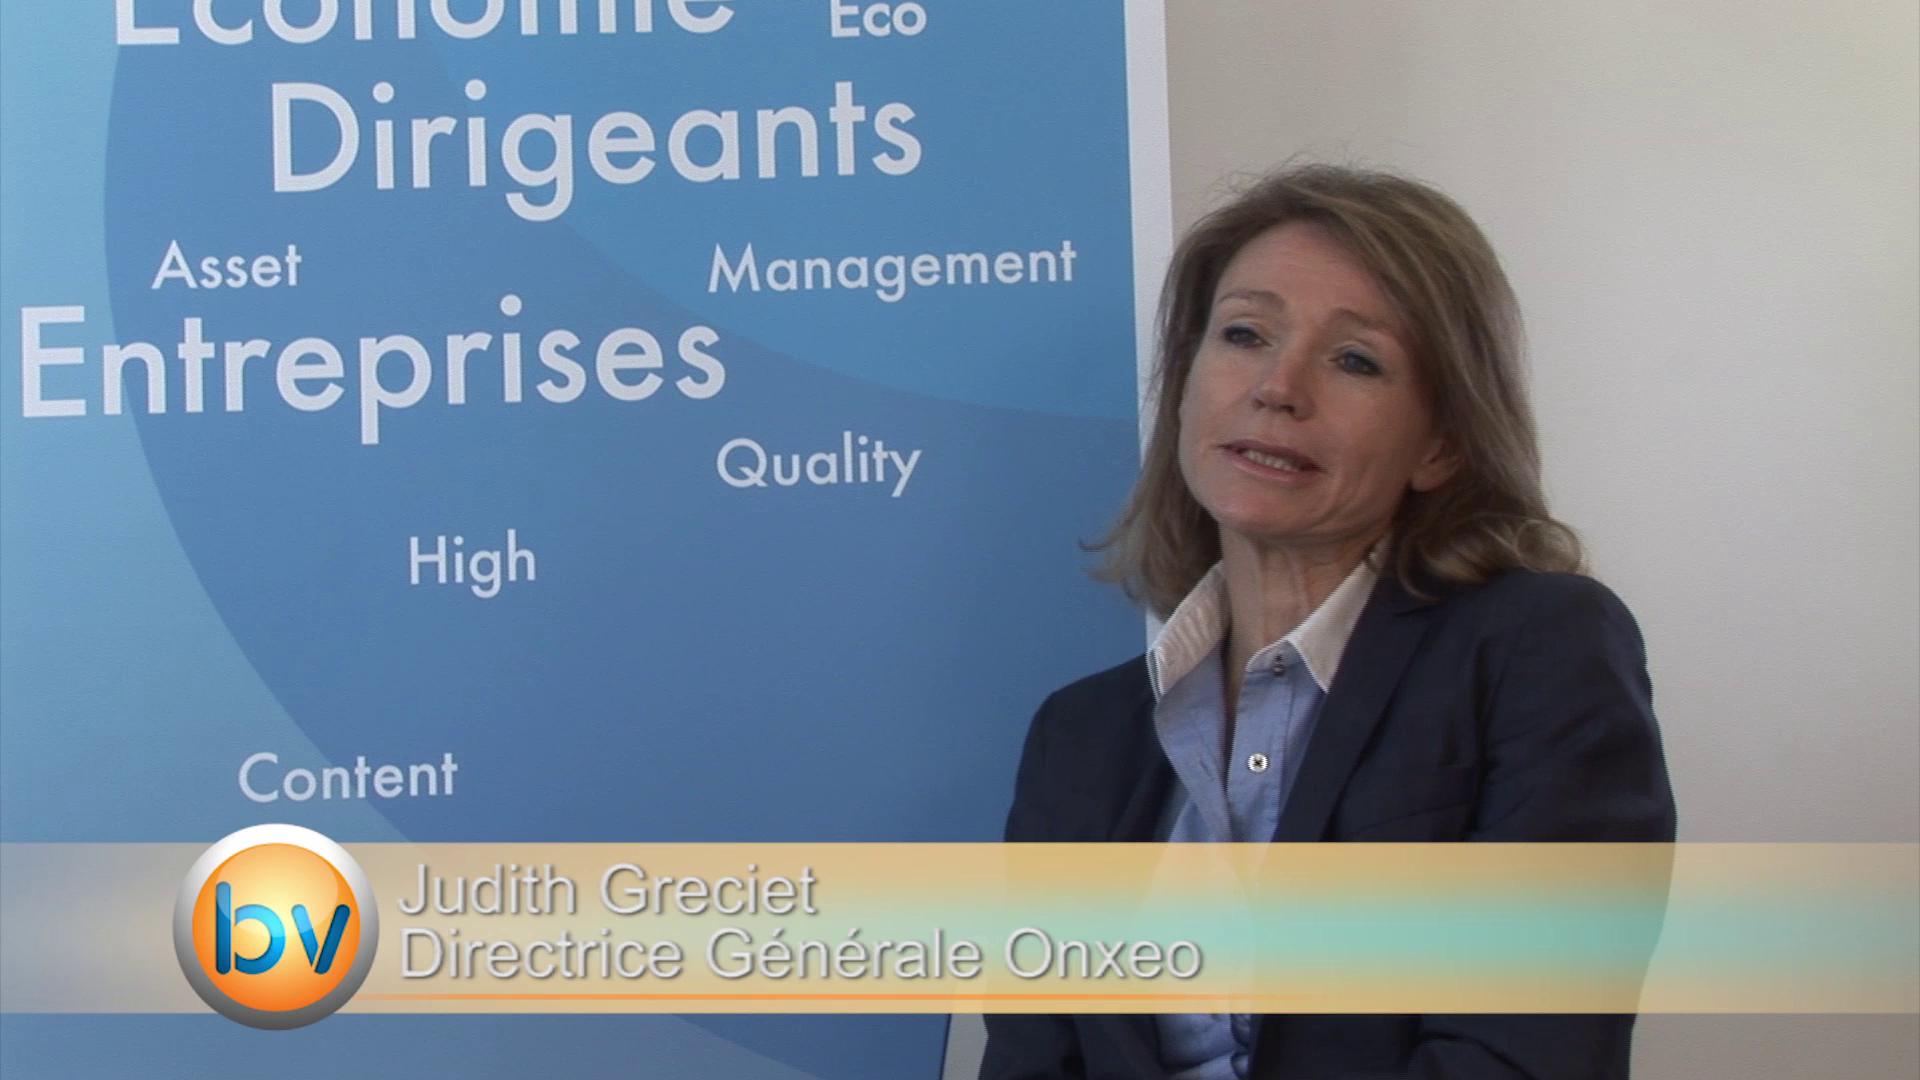 """Judith Greciet Directrice Générale Onxeo : """"Il y a les bases avec une stratégie claire"""""""